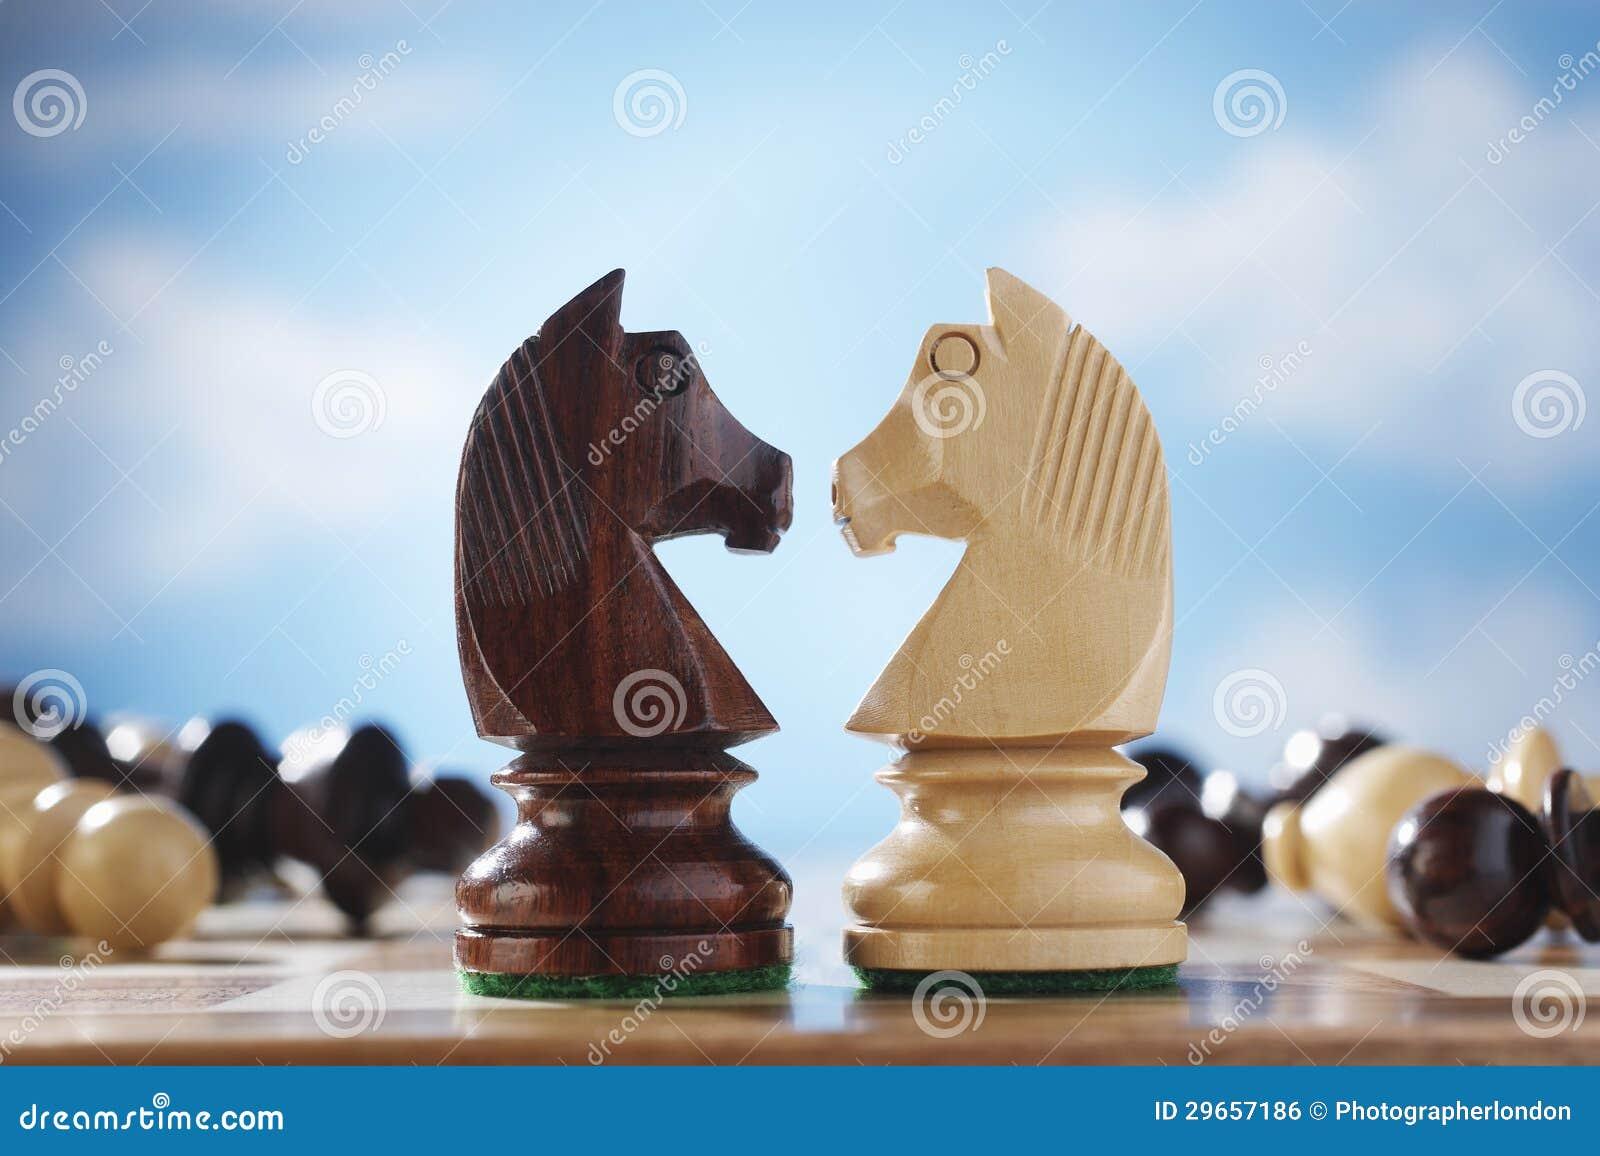 Cavalieri su una scacchiera